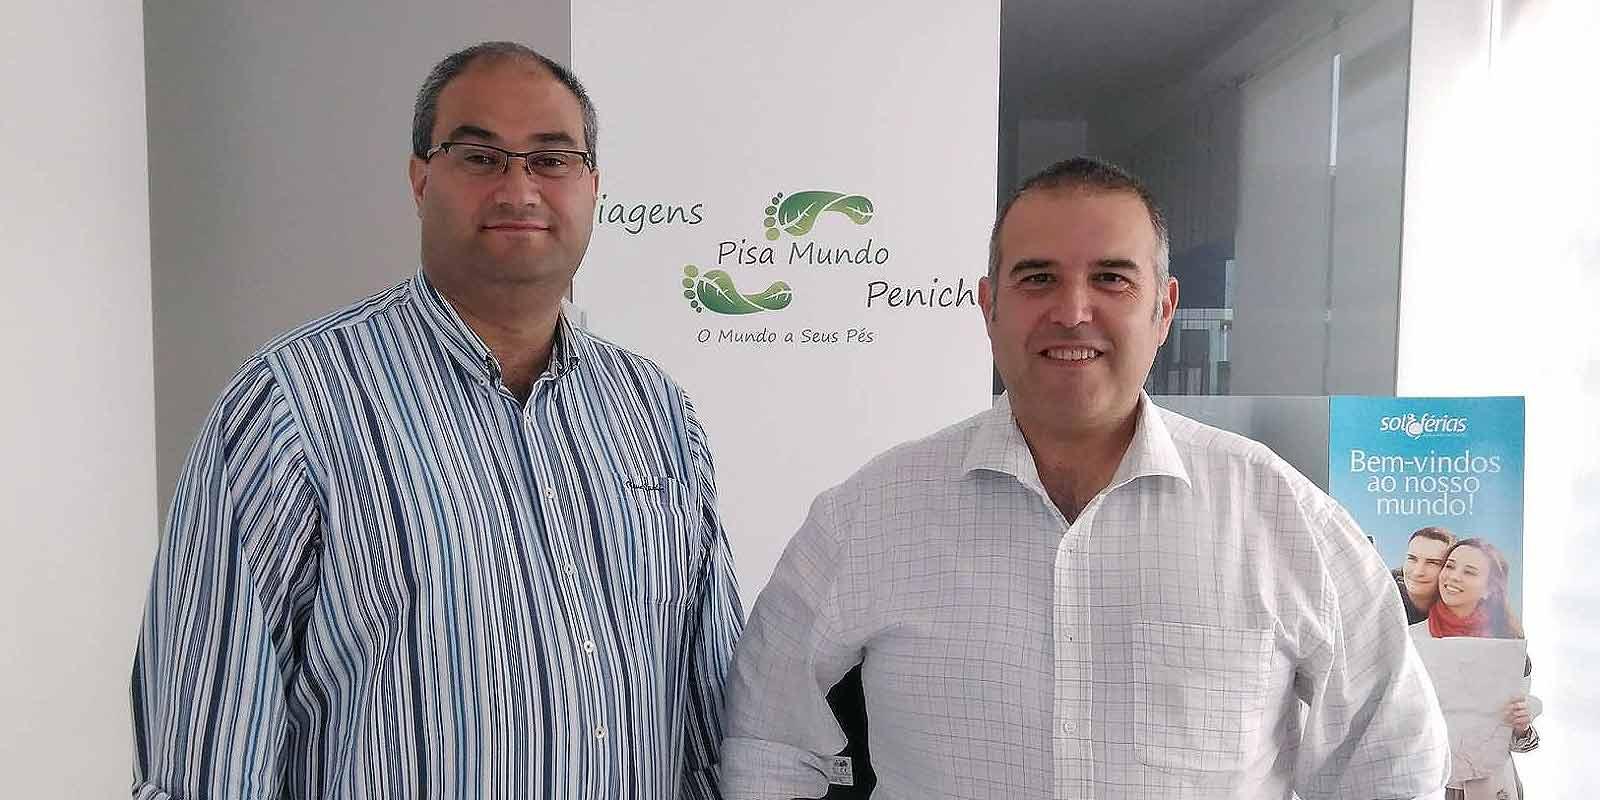 Paulo Lages e José Pires DIT Portugal